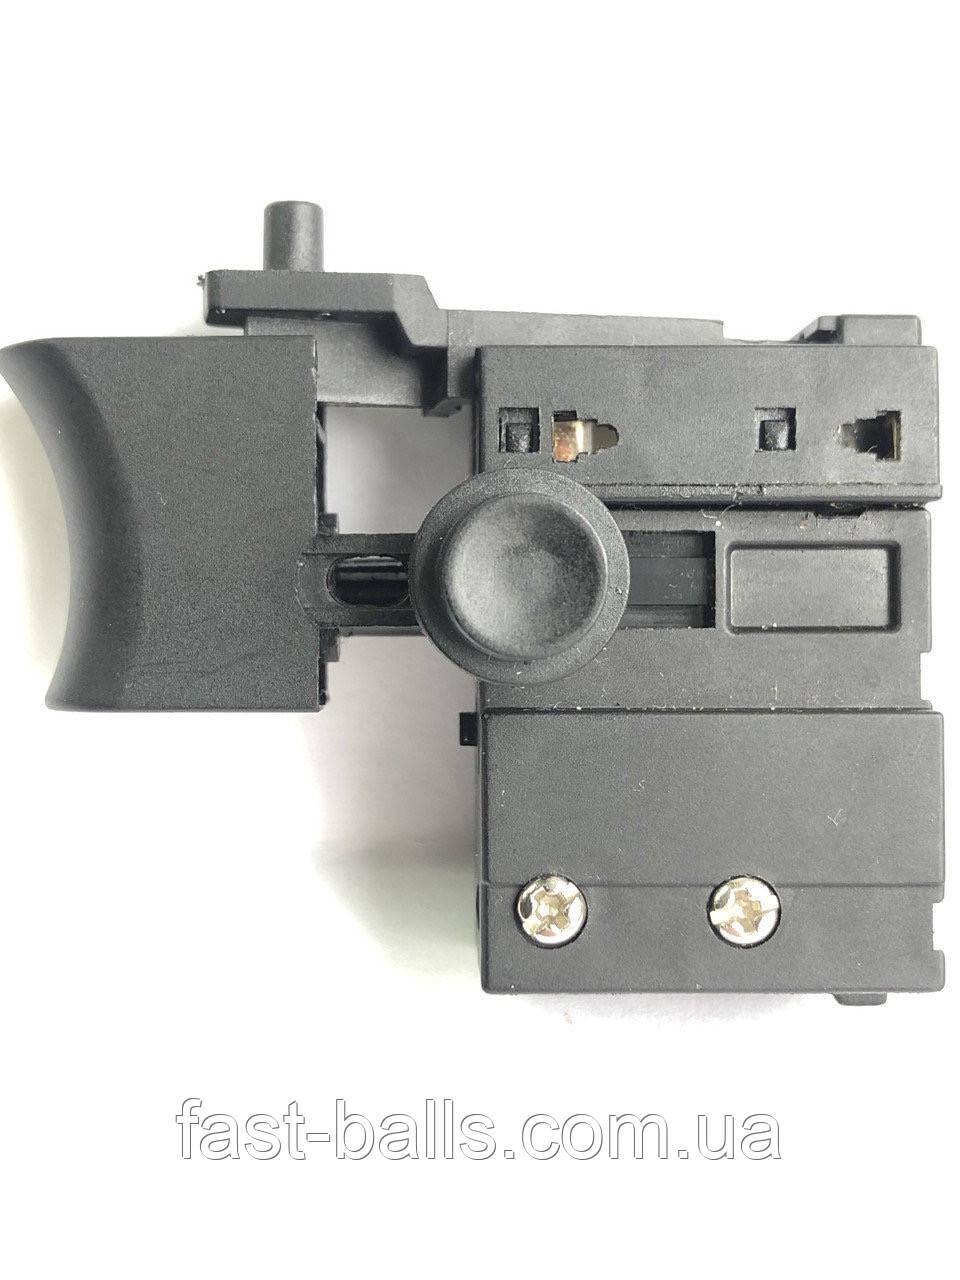 Кнопка для сетевых шуруповертов с фиксатором ZLB KR9